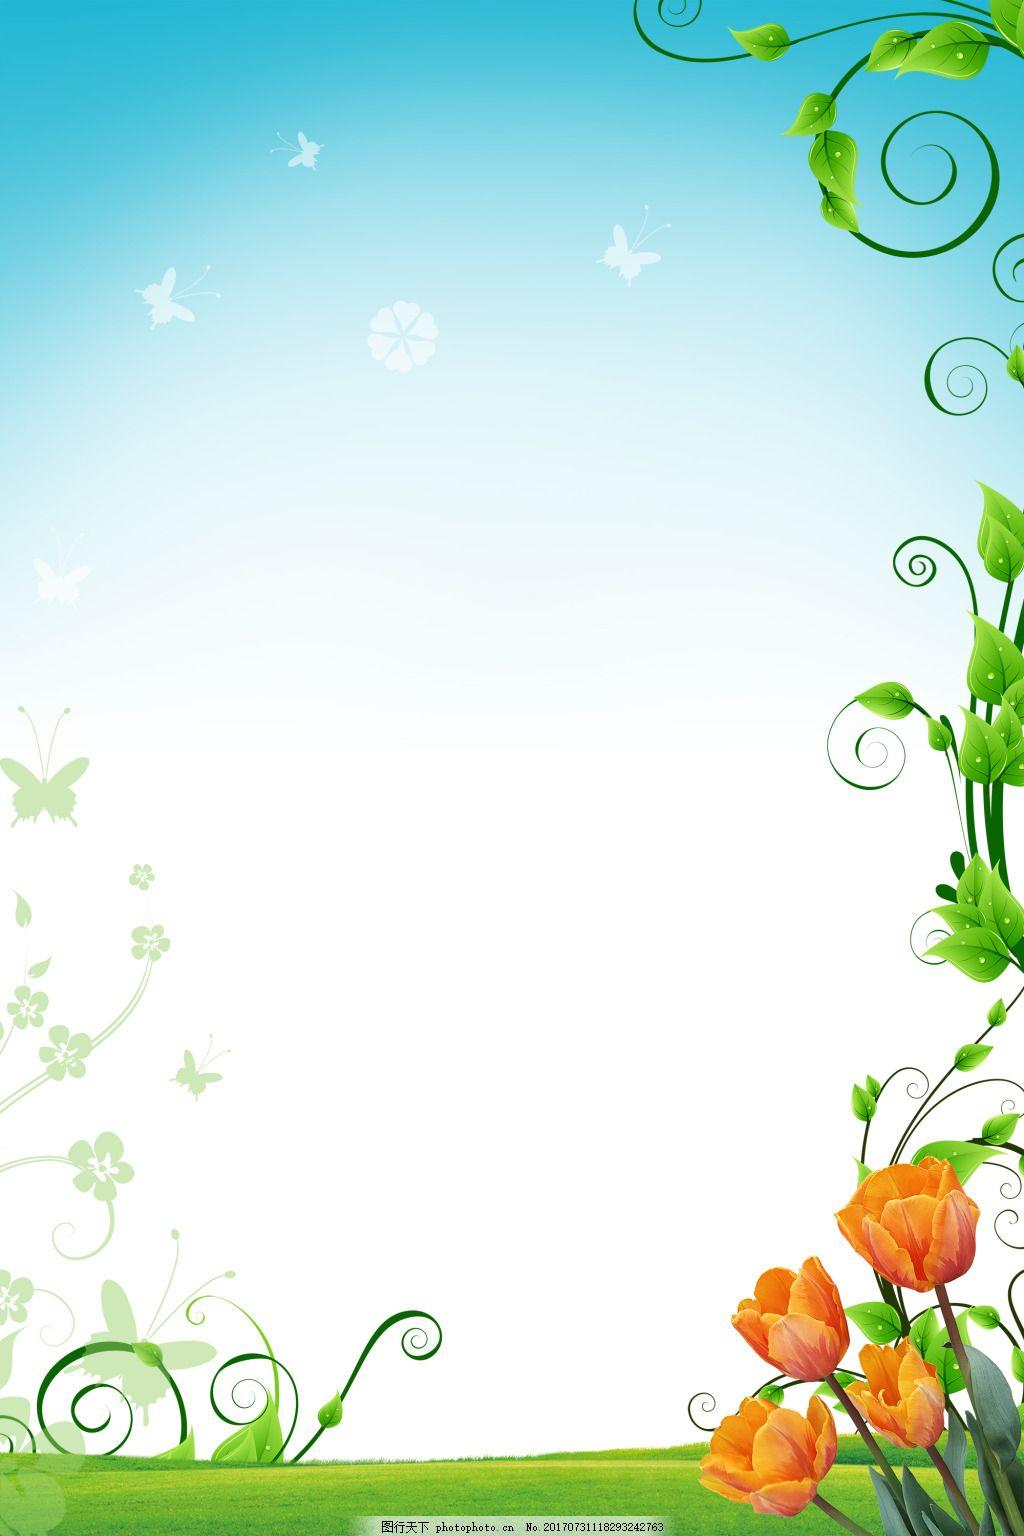 小清新绿色藤蔓边框背景